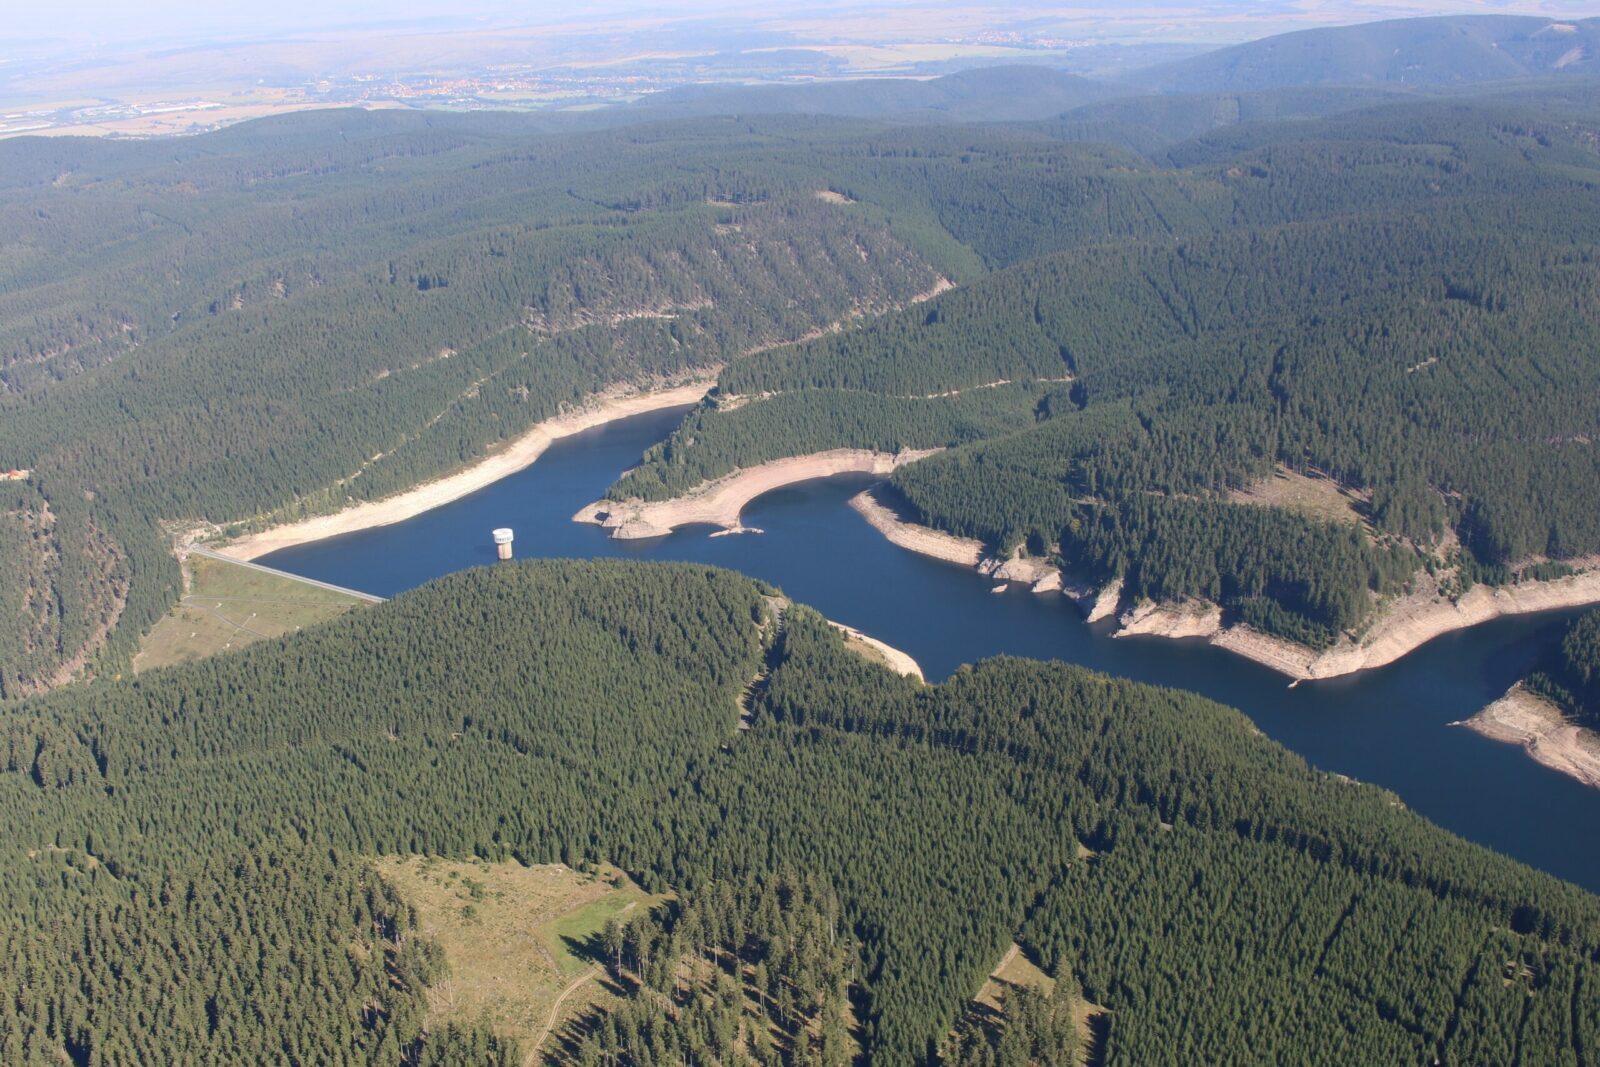 Schmalwassertalsperre Tambach-Dietharz | Foto: Ronald Bellstedt